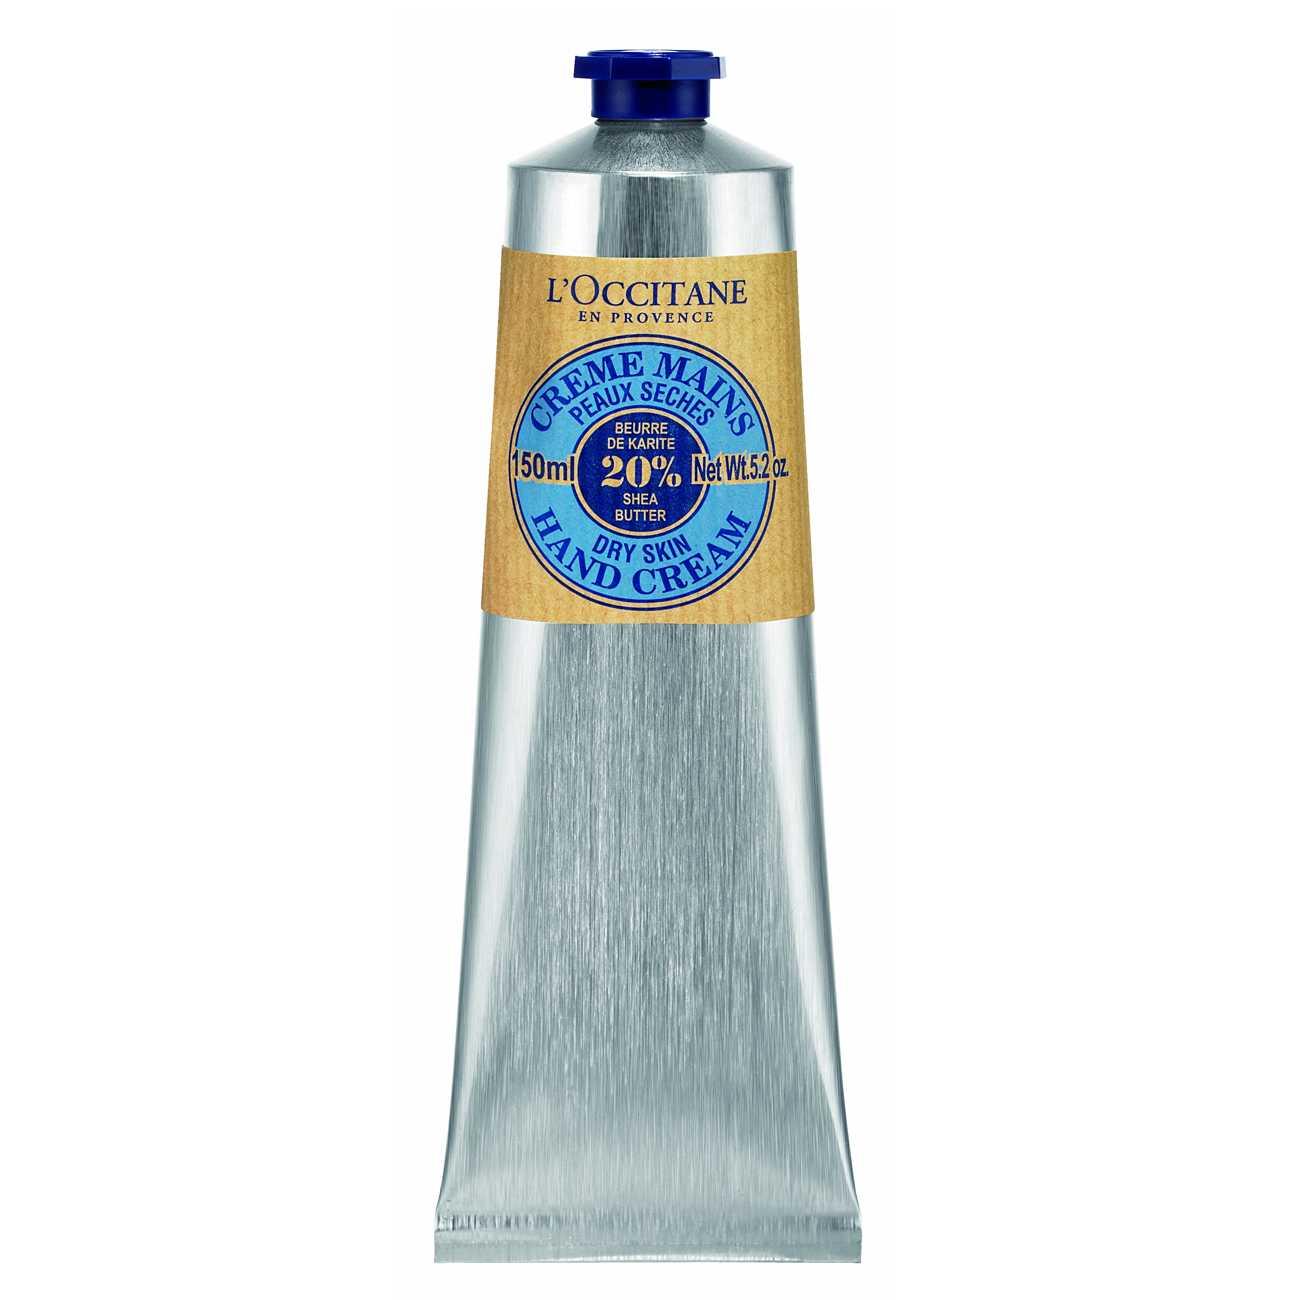 Hand Cream Shea Butter 150 Ml L'occitane imagine 2021 bestvalue.eu